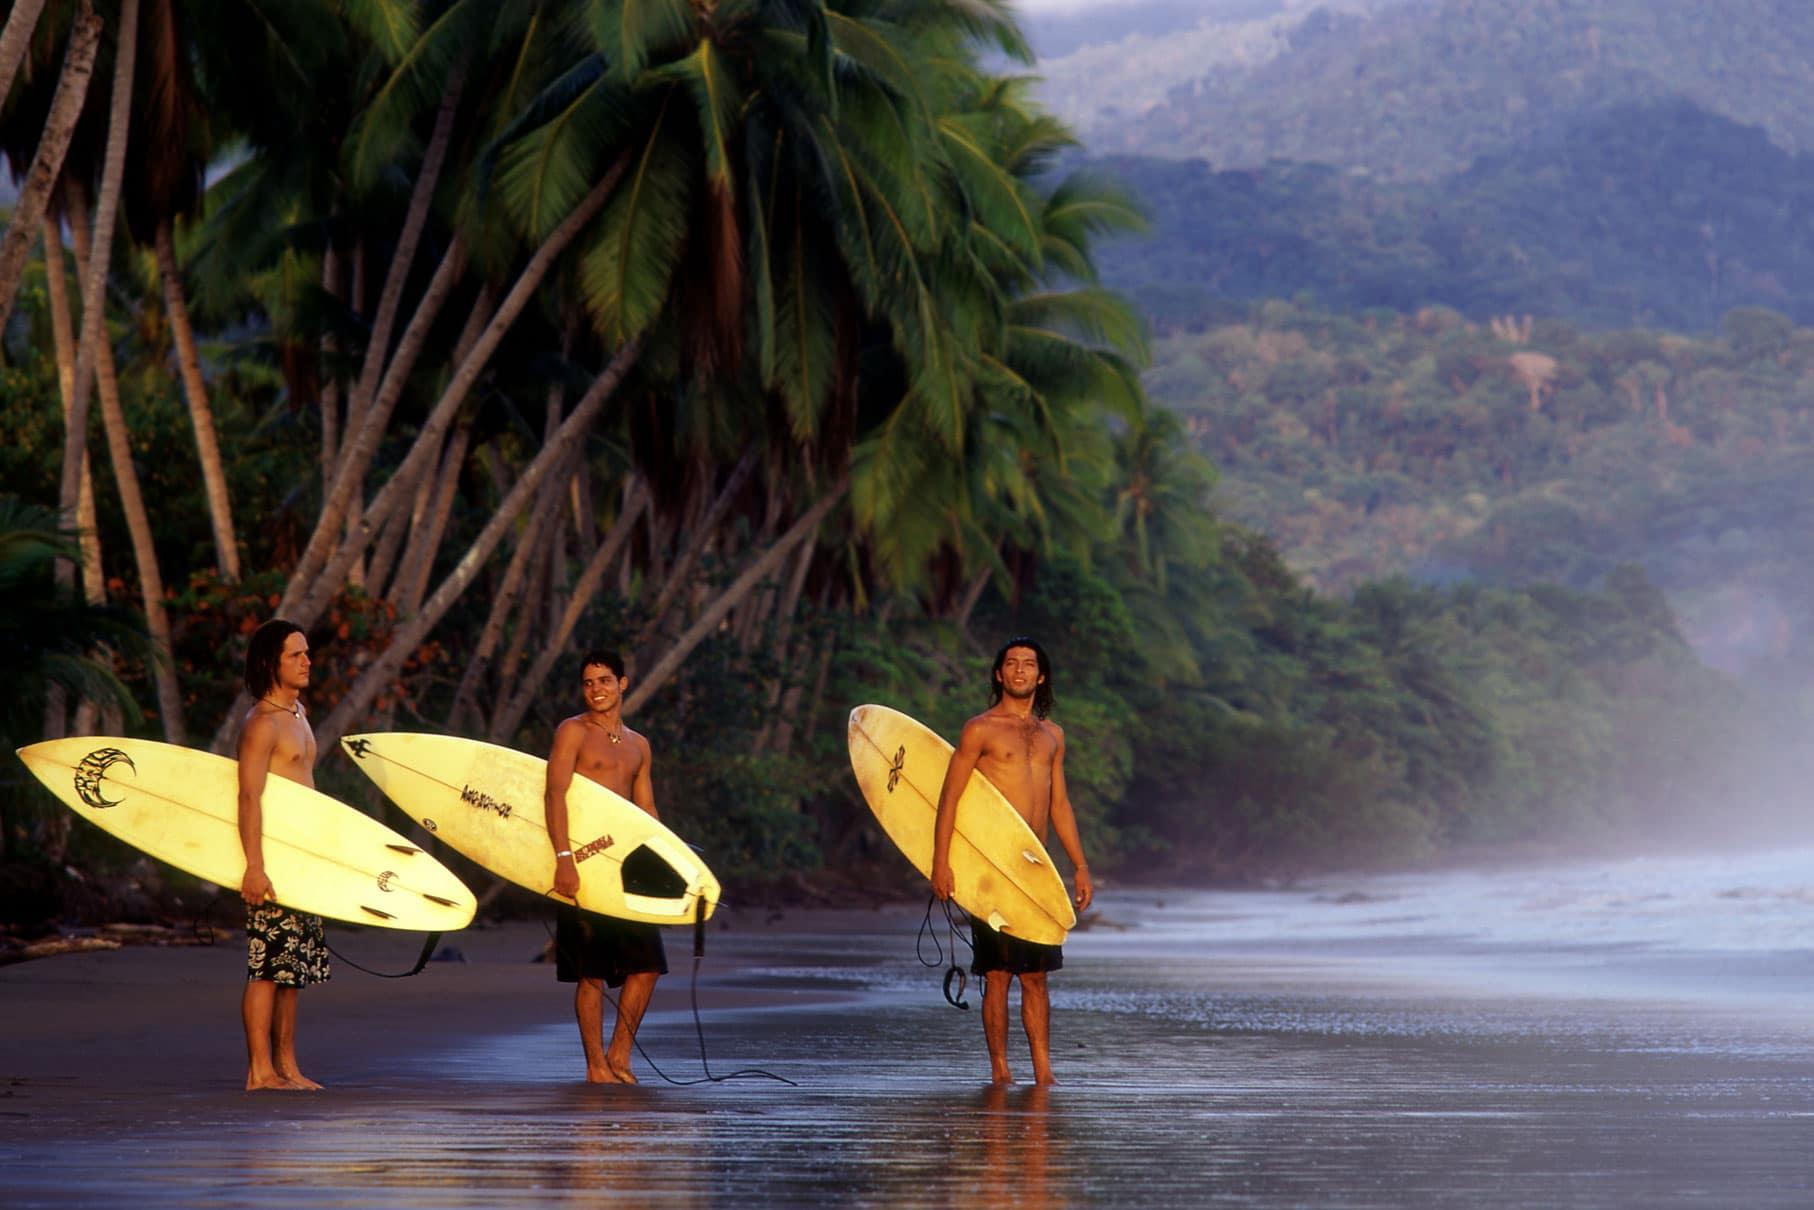 Le surf au Costa Rica